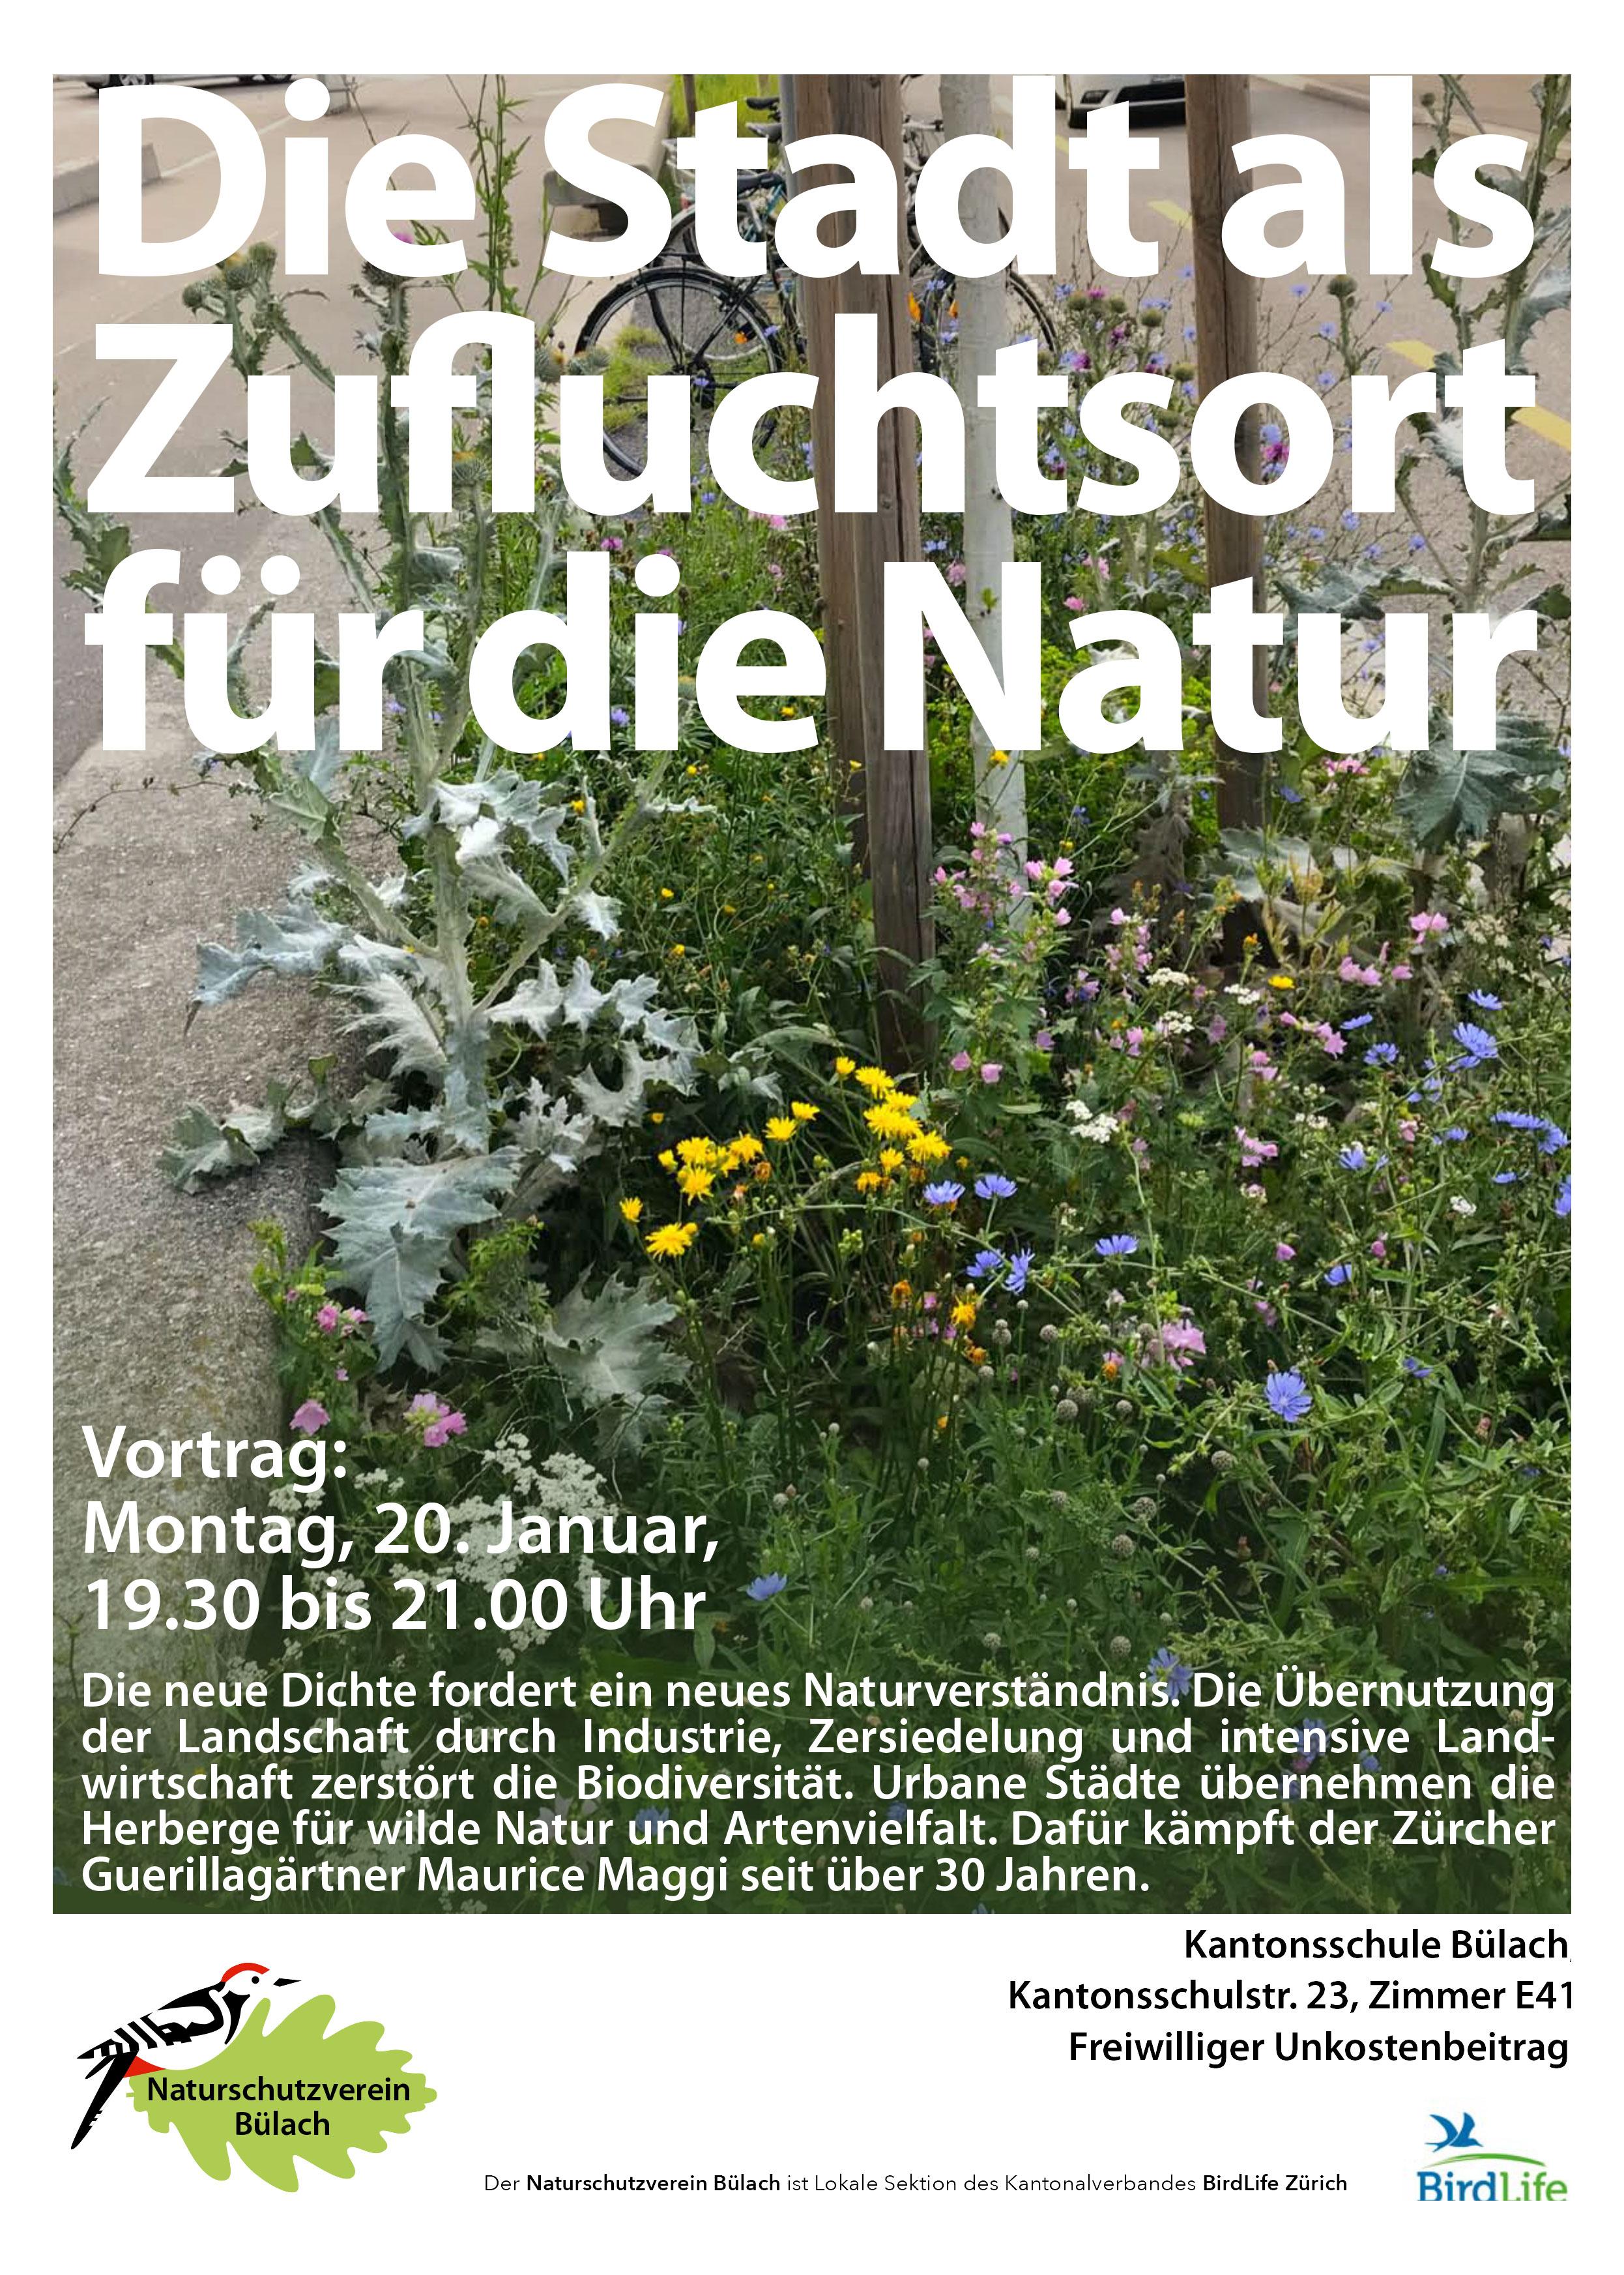 Veranstaltungsflyer zum Event: Foto einer Blumenwiese